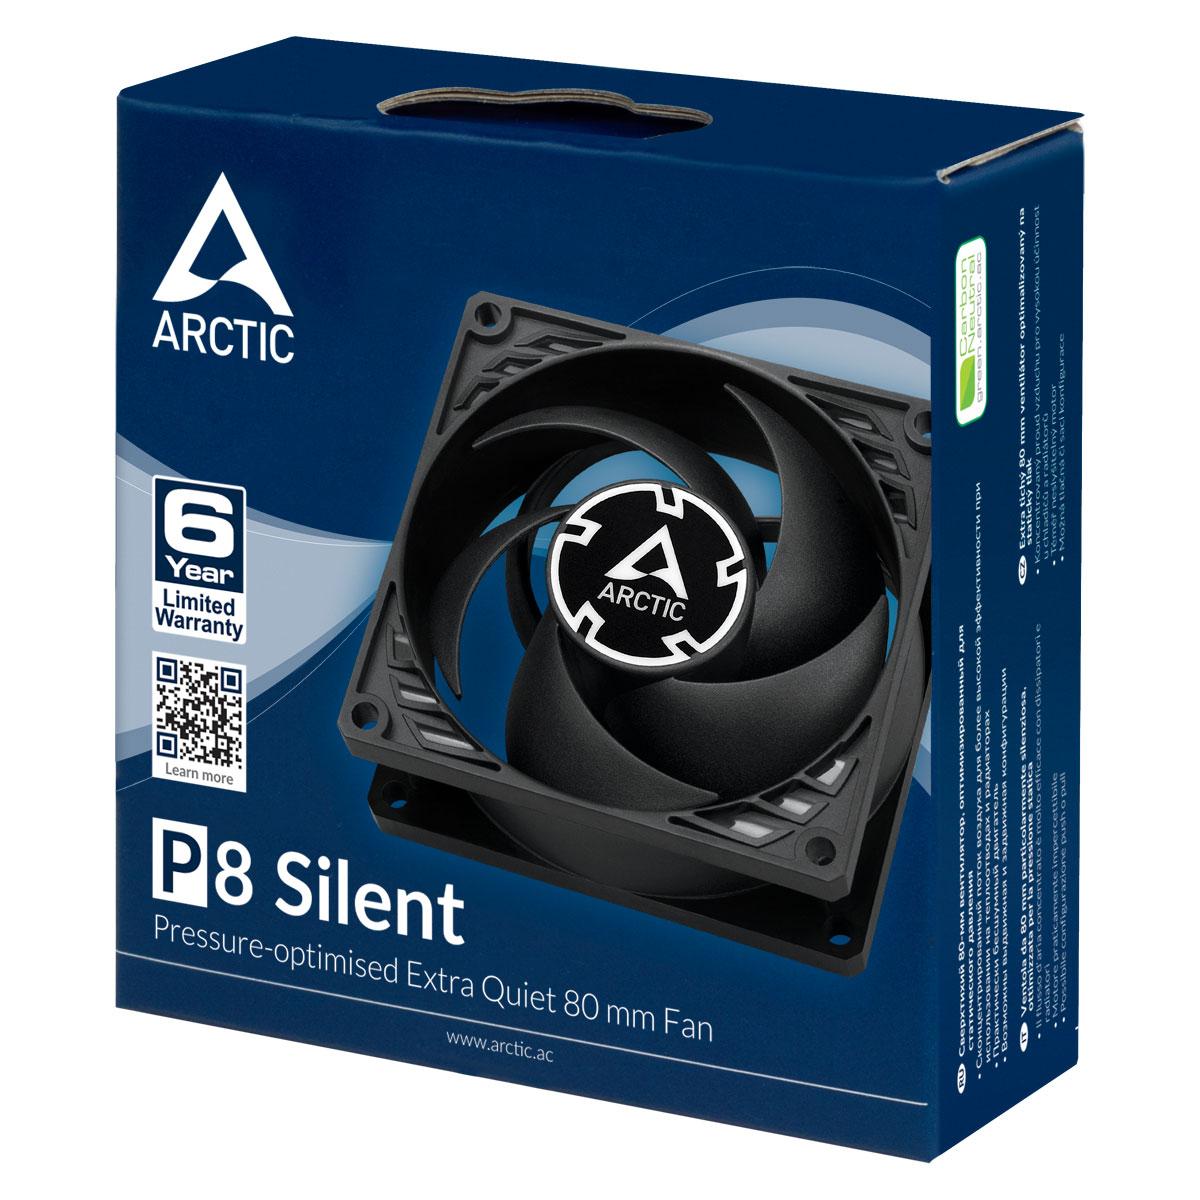 P8 Silent